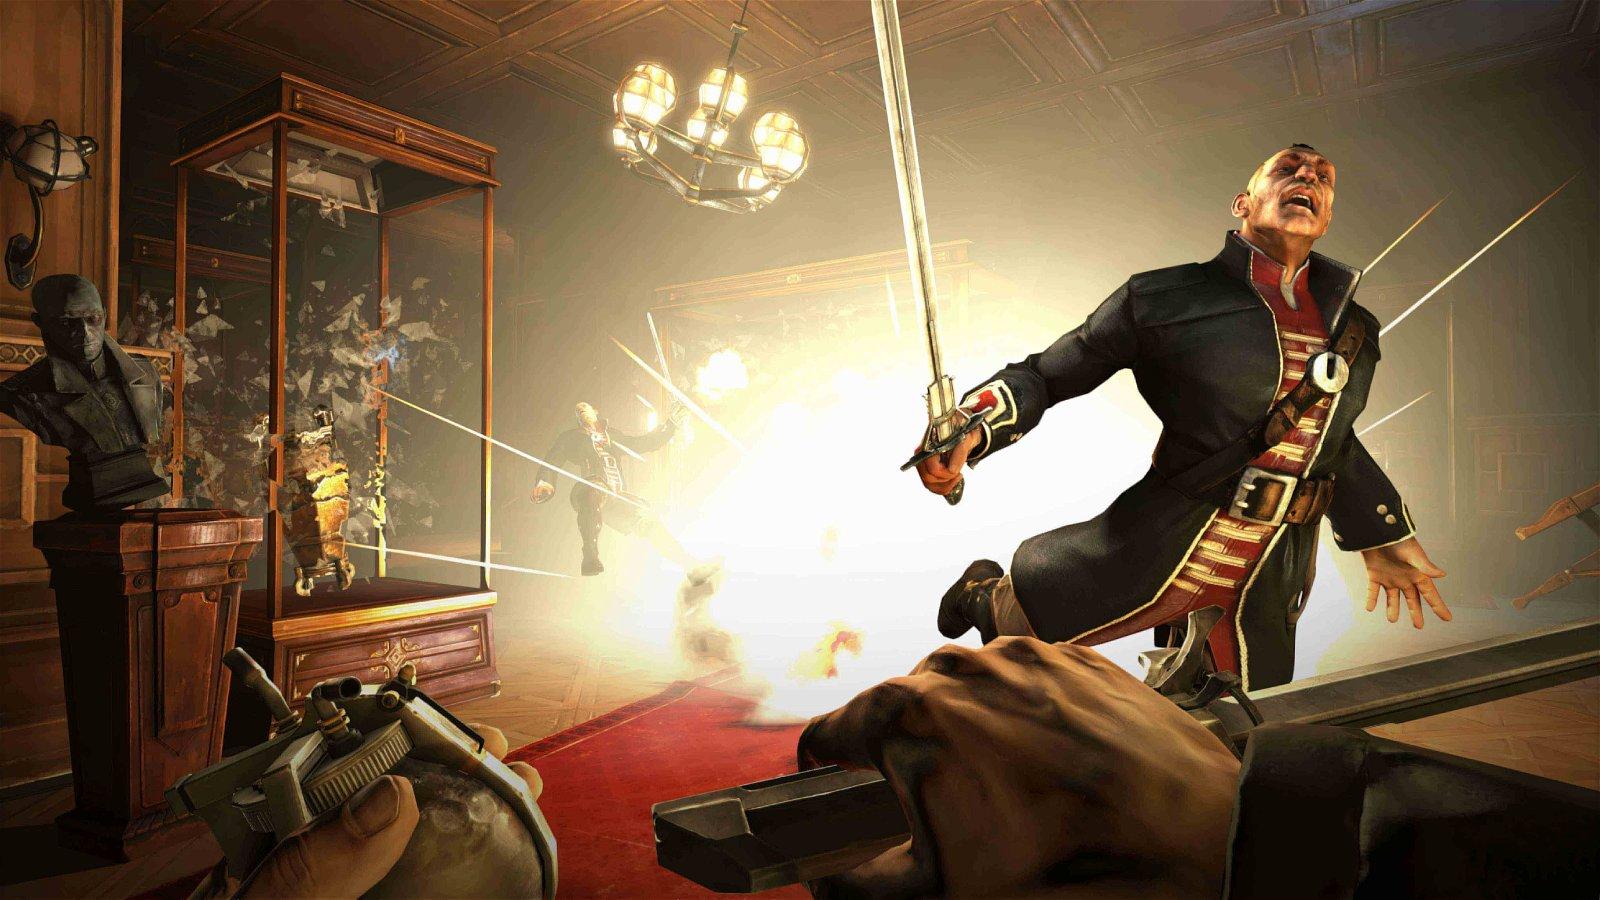 Dishonored no descarta llegar a la realidad virtual